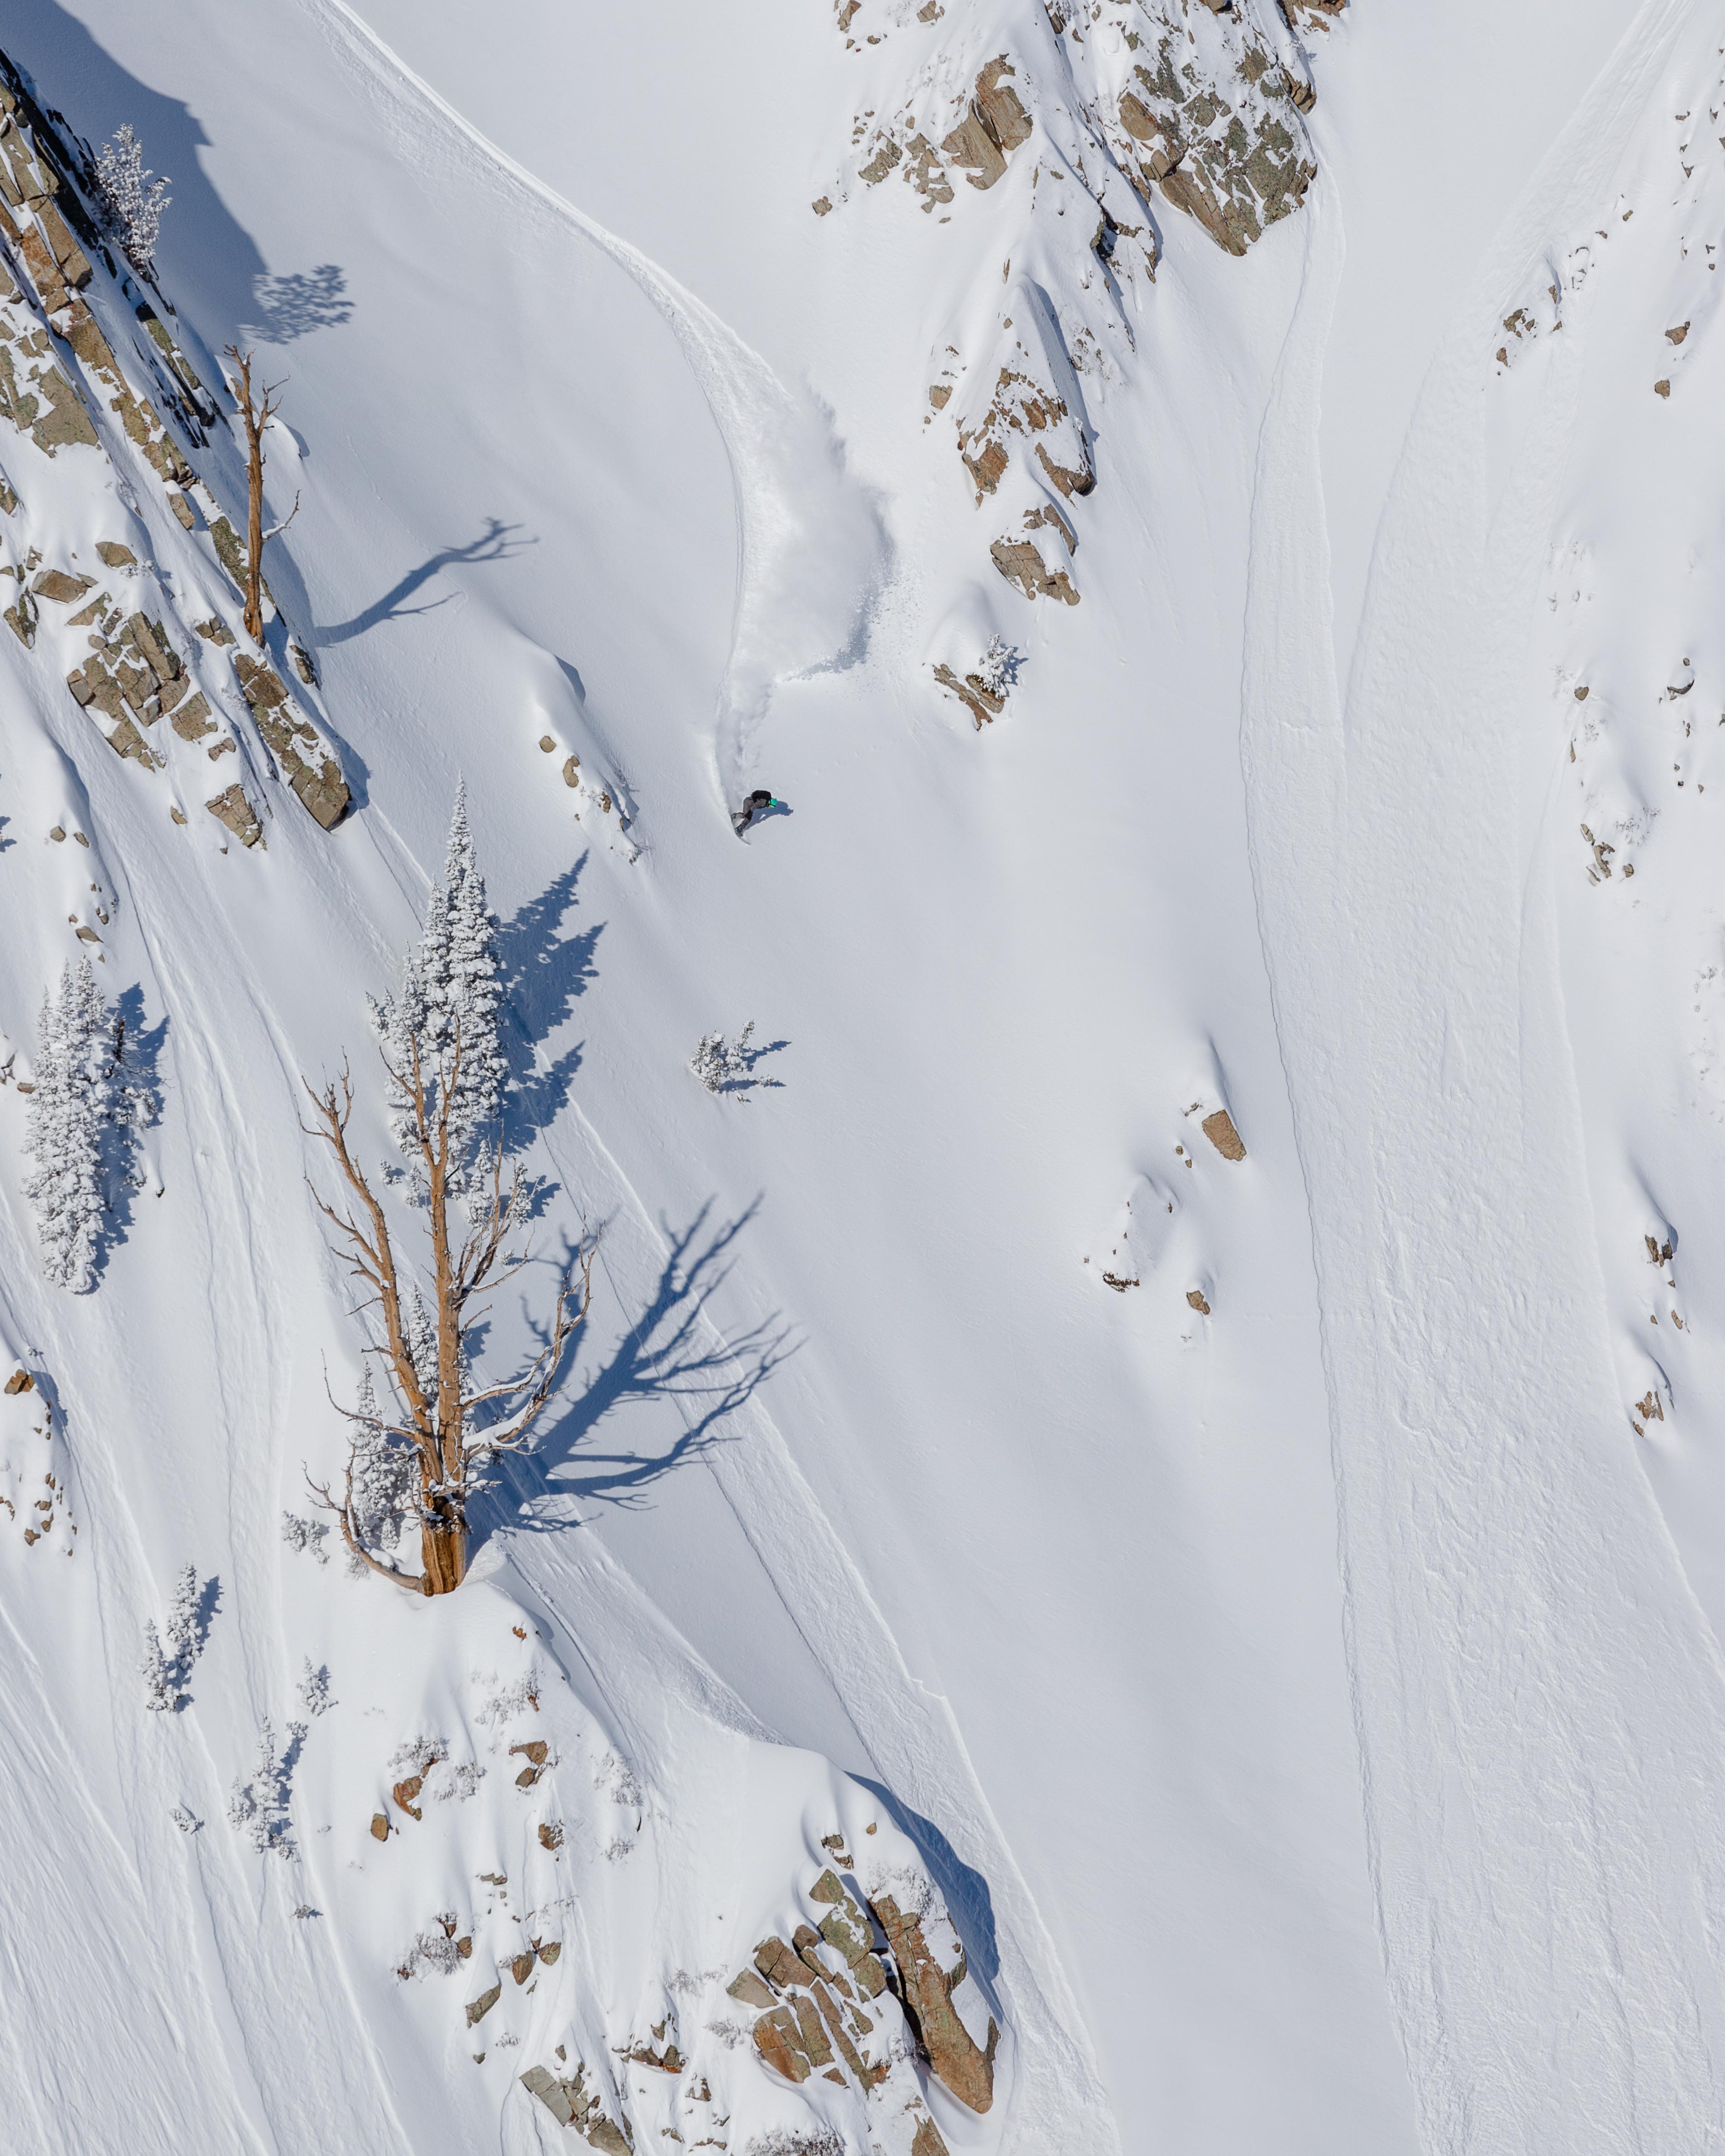 Trevor Brady – Wolverine Cirque, Wasatch Mountains